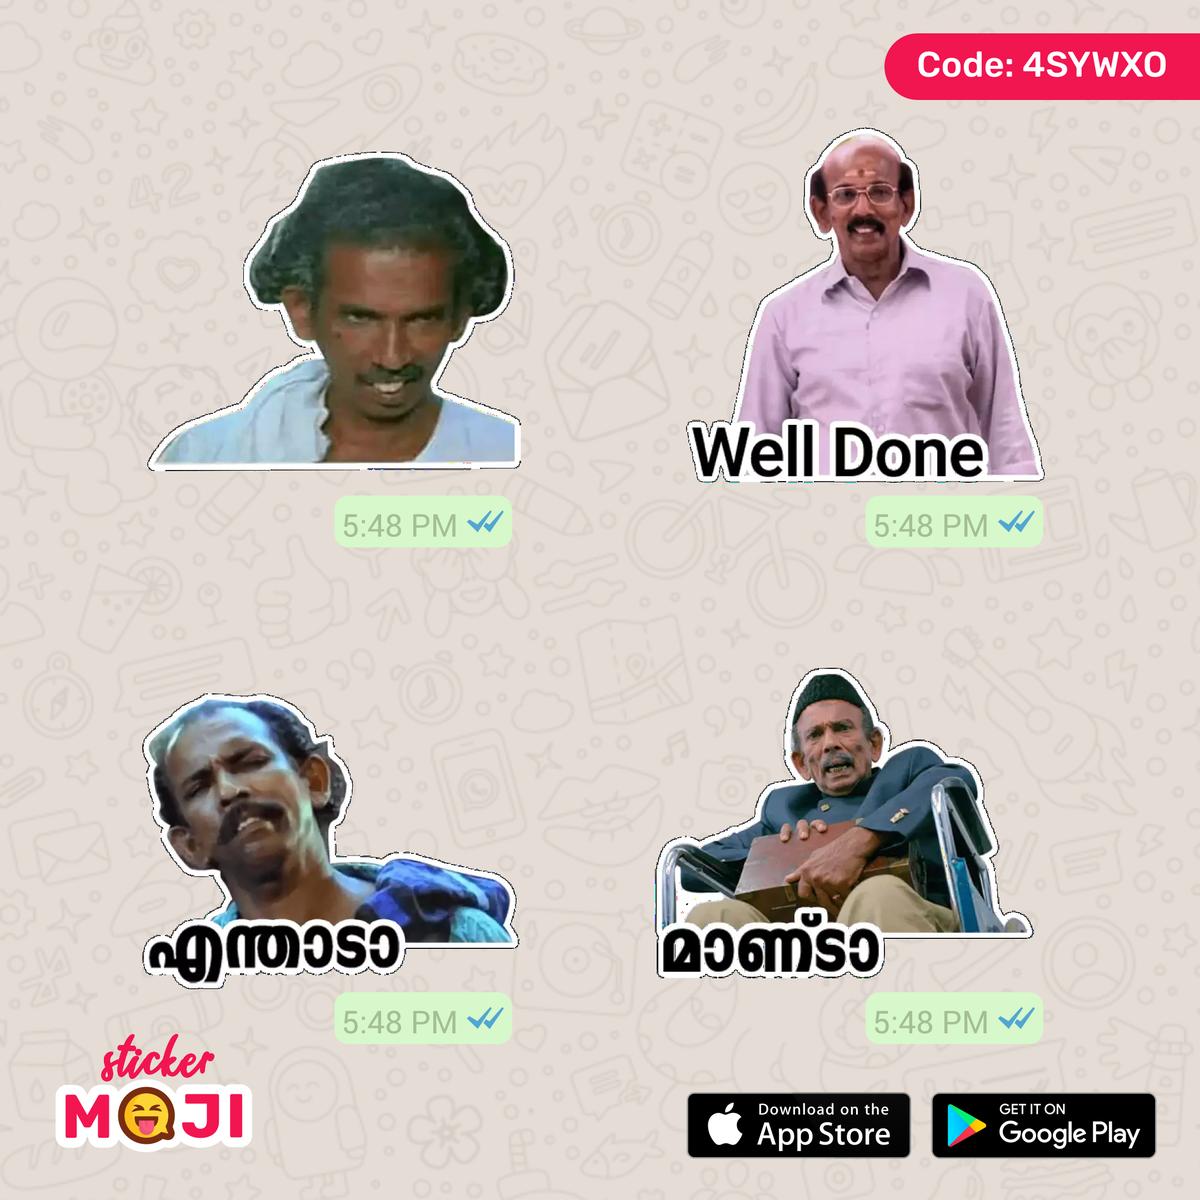 Stickermoji App On Twitter Mammukoya Stickers Download Stickers For Whatsapp On Stickermoji Here Https T Co C4wkm0phgw Stickers Malayalam Memes Meme Funny Kerala India Whatsappstickers Whatsapp Android Hindi Malayalamstickers